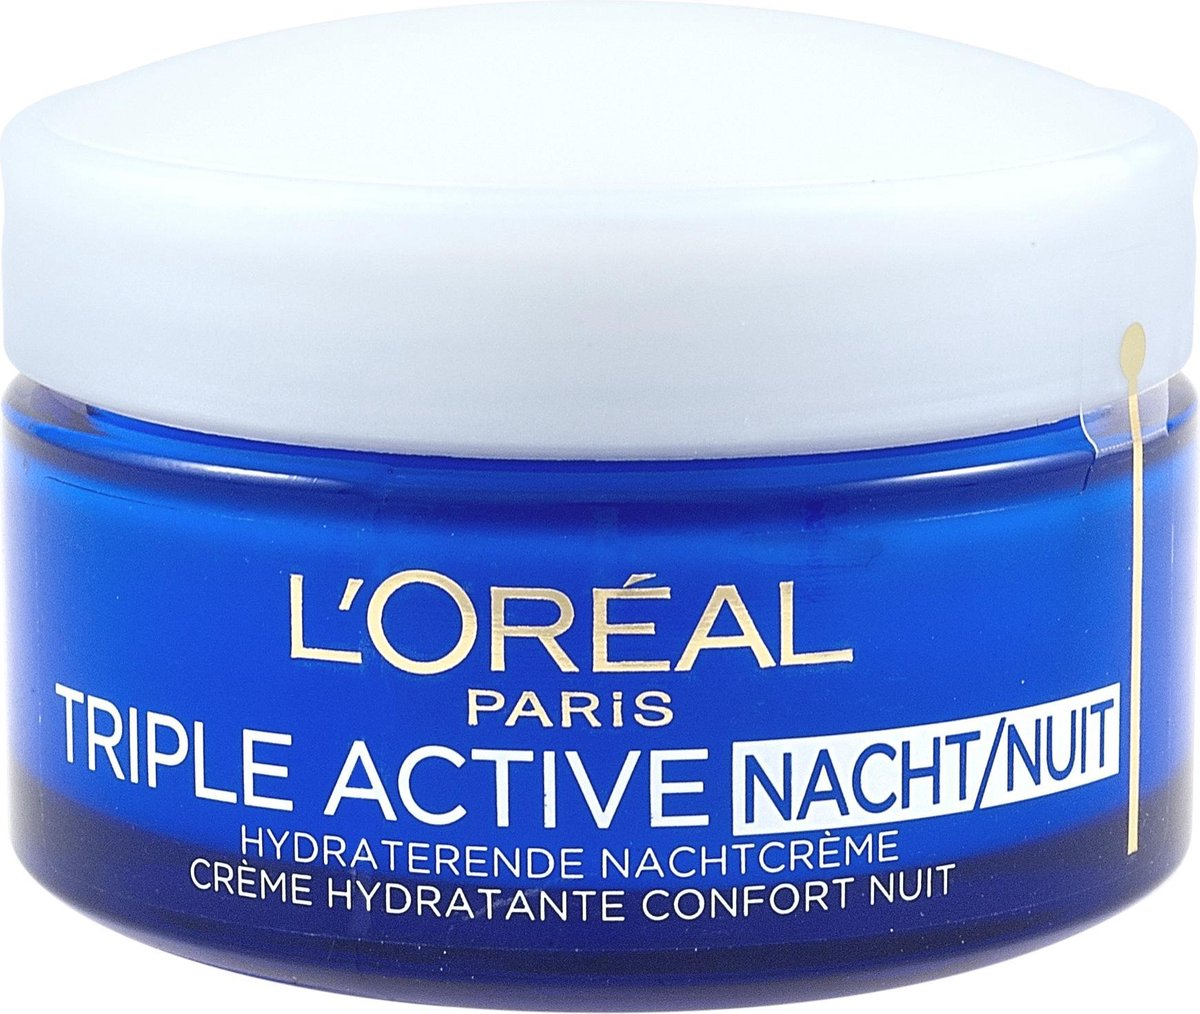 L'Oréal Paris Triple Active Nachtcrème - 50 ml - Hydraterend